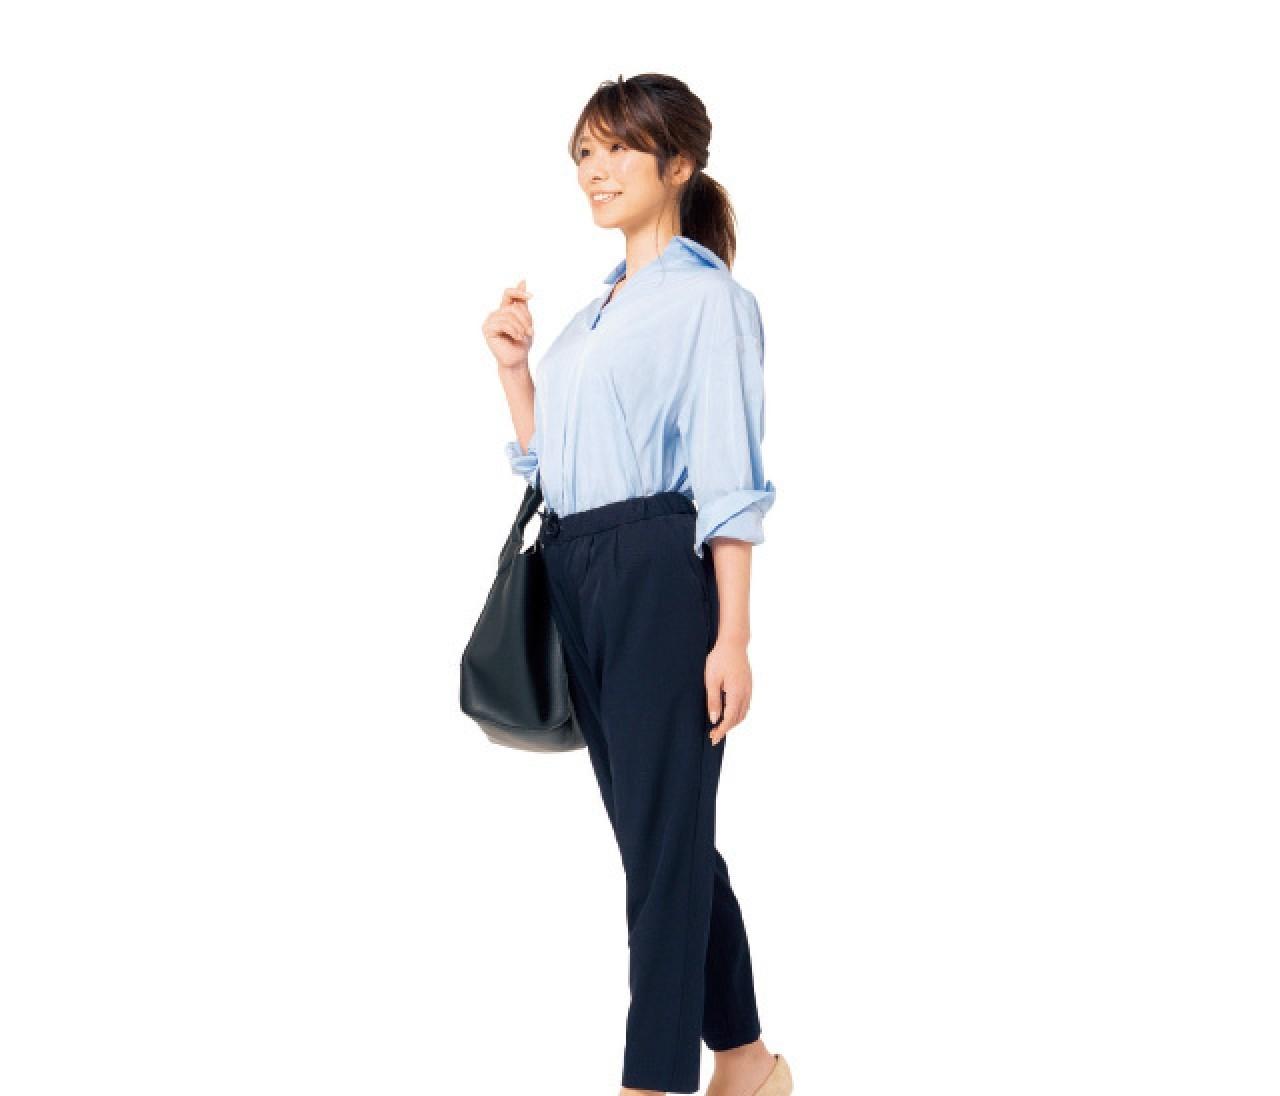 バッグの持ち方がヤセ見えを左右する!【姿勢で-2kgヤセ見え②】